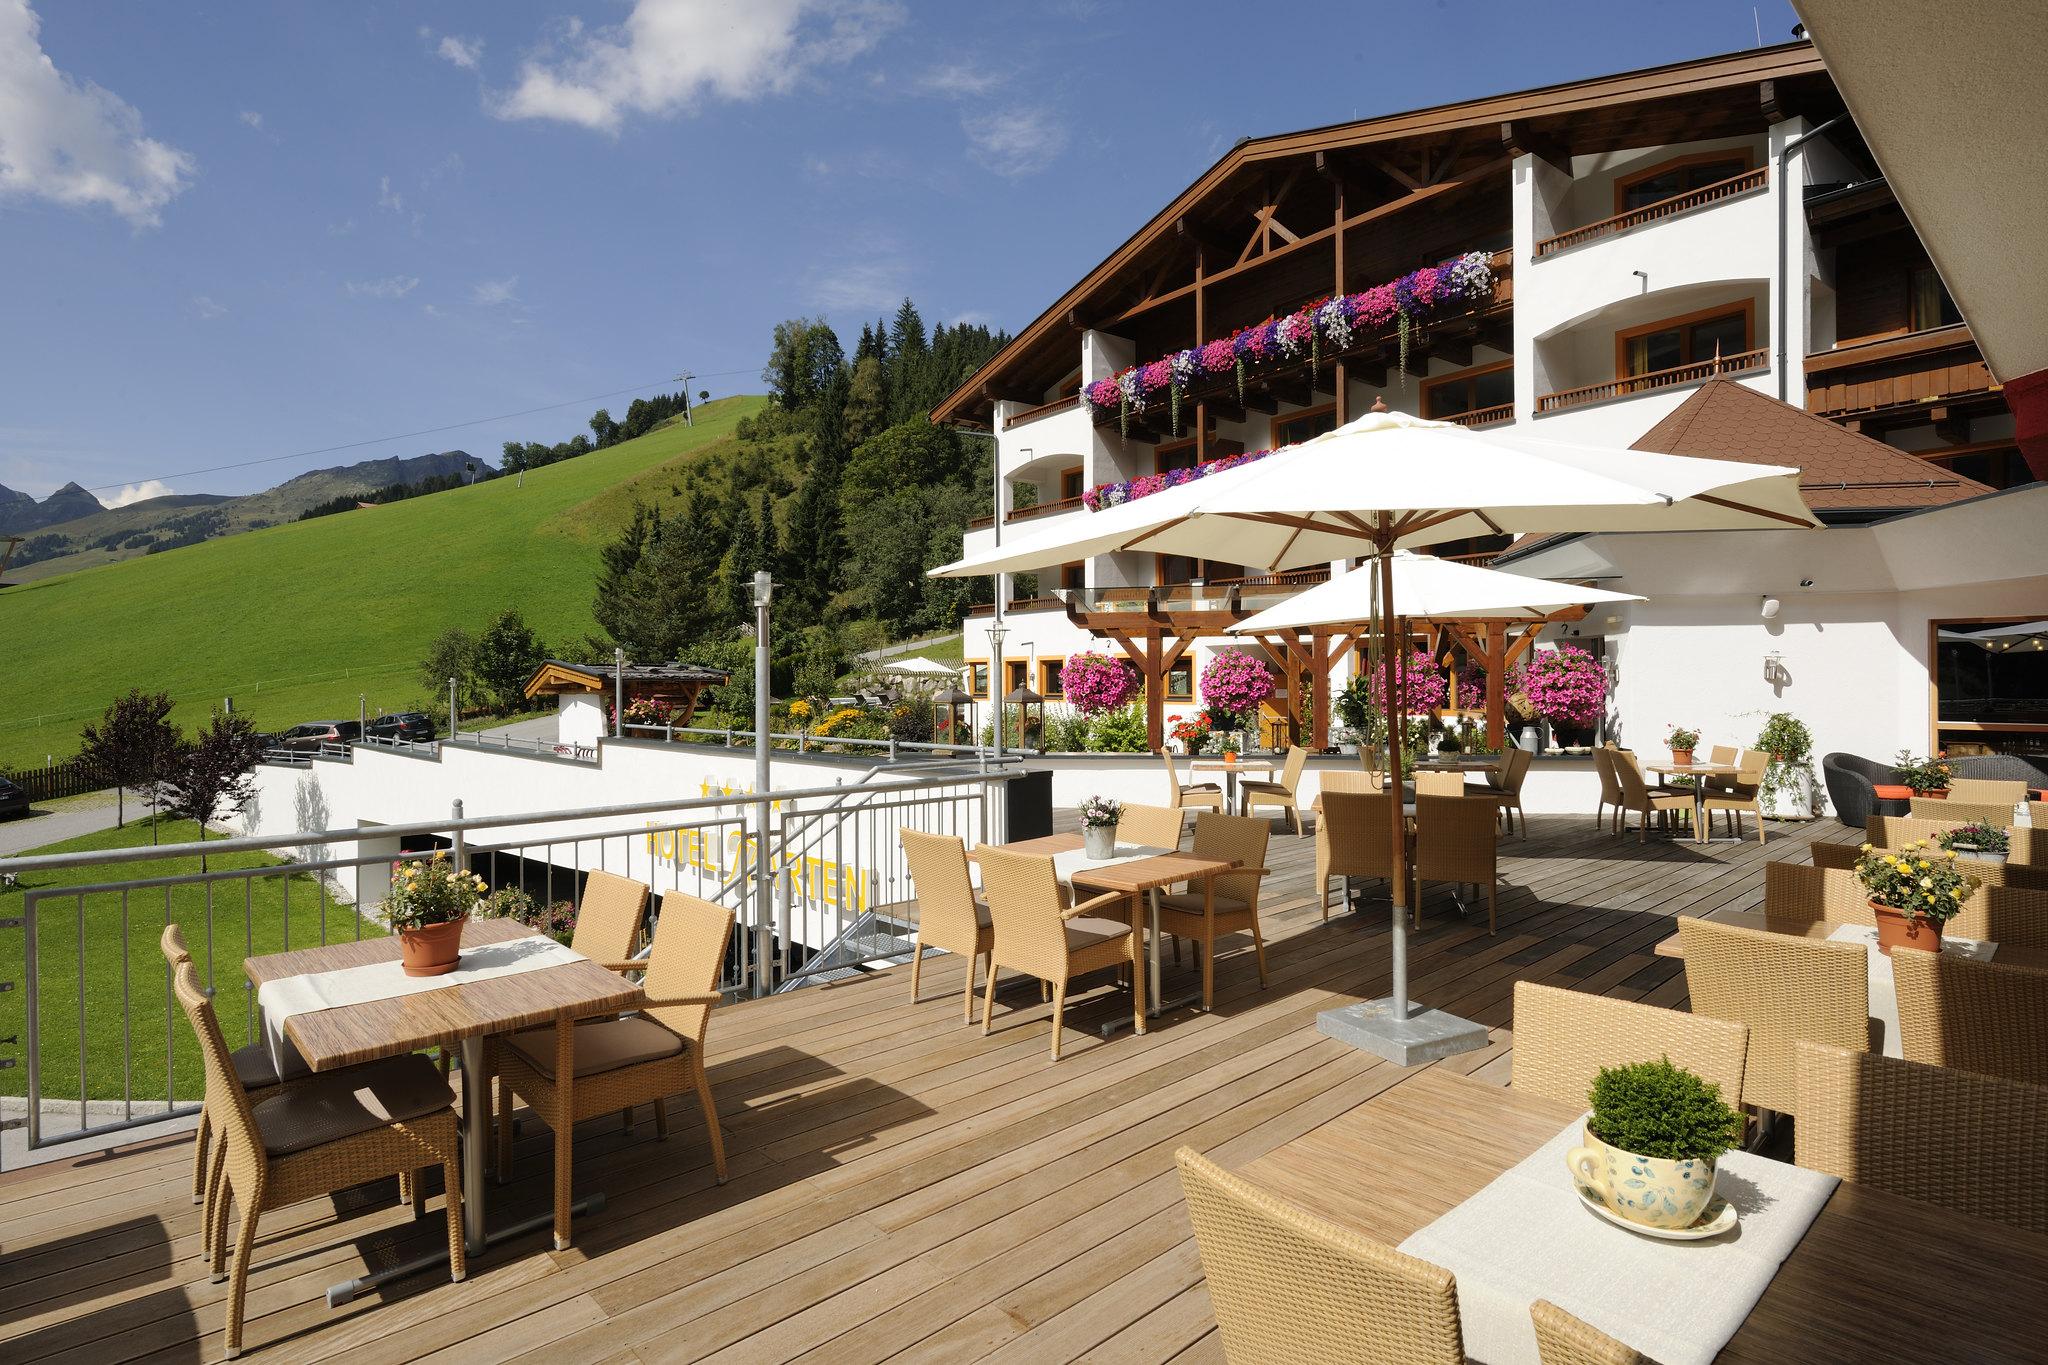 Terrasse Hotel Marten Saalbach-Hinterglemm